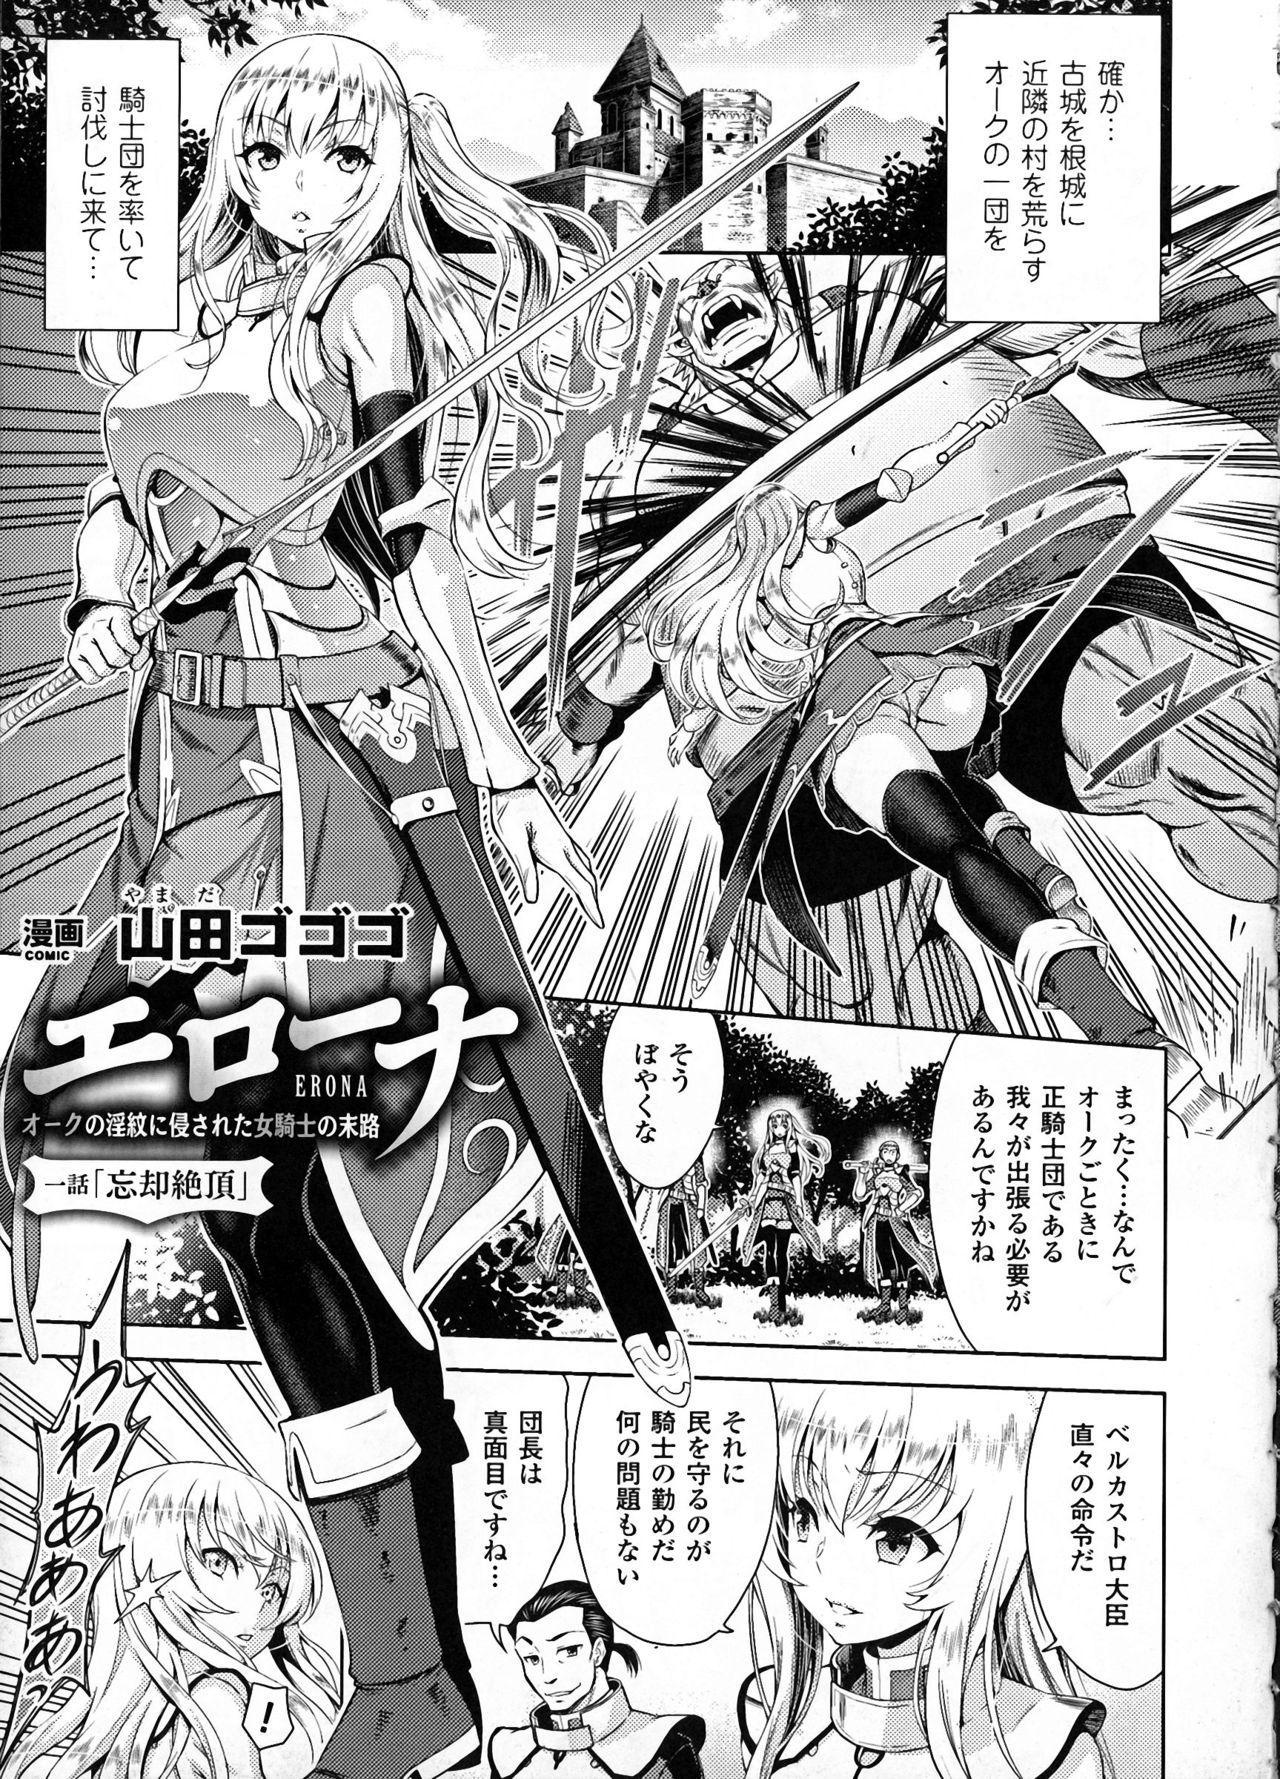 ERONA Orc no Inmon ni Okasareta Onna Kishi no Matsuro Ch. 1-6 2